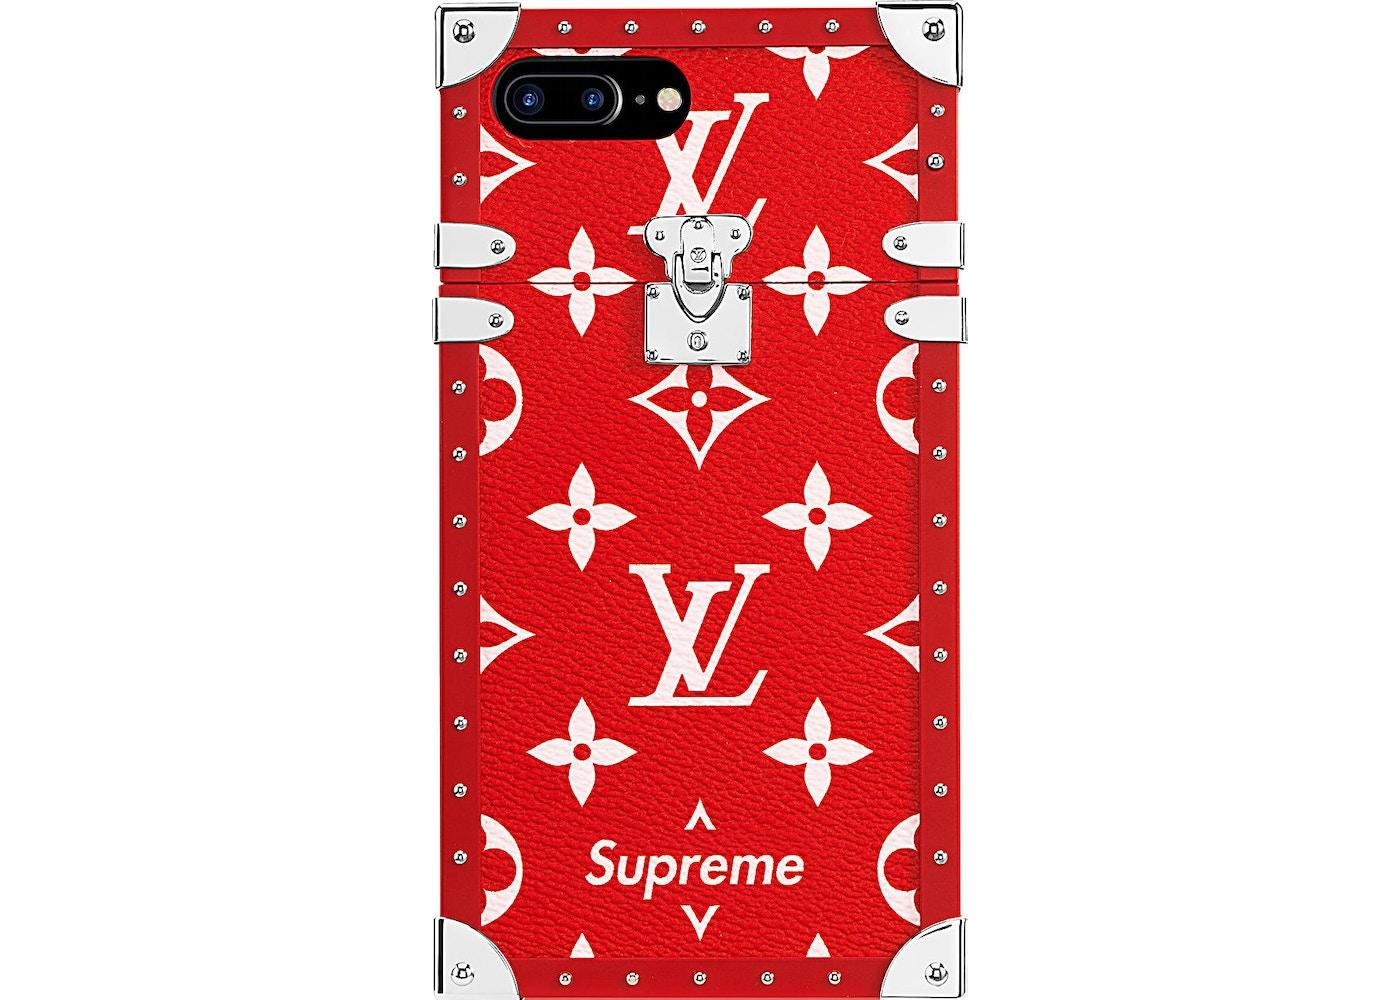 6b9b901c5ef5 Buy   Sell Louis Vuitton Supreme Handbags